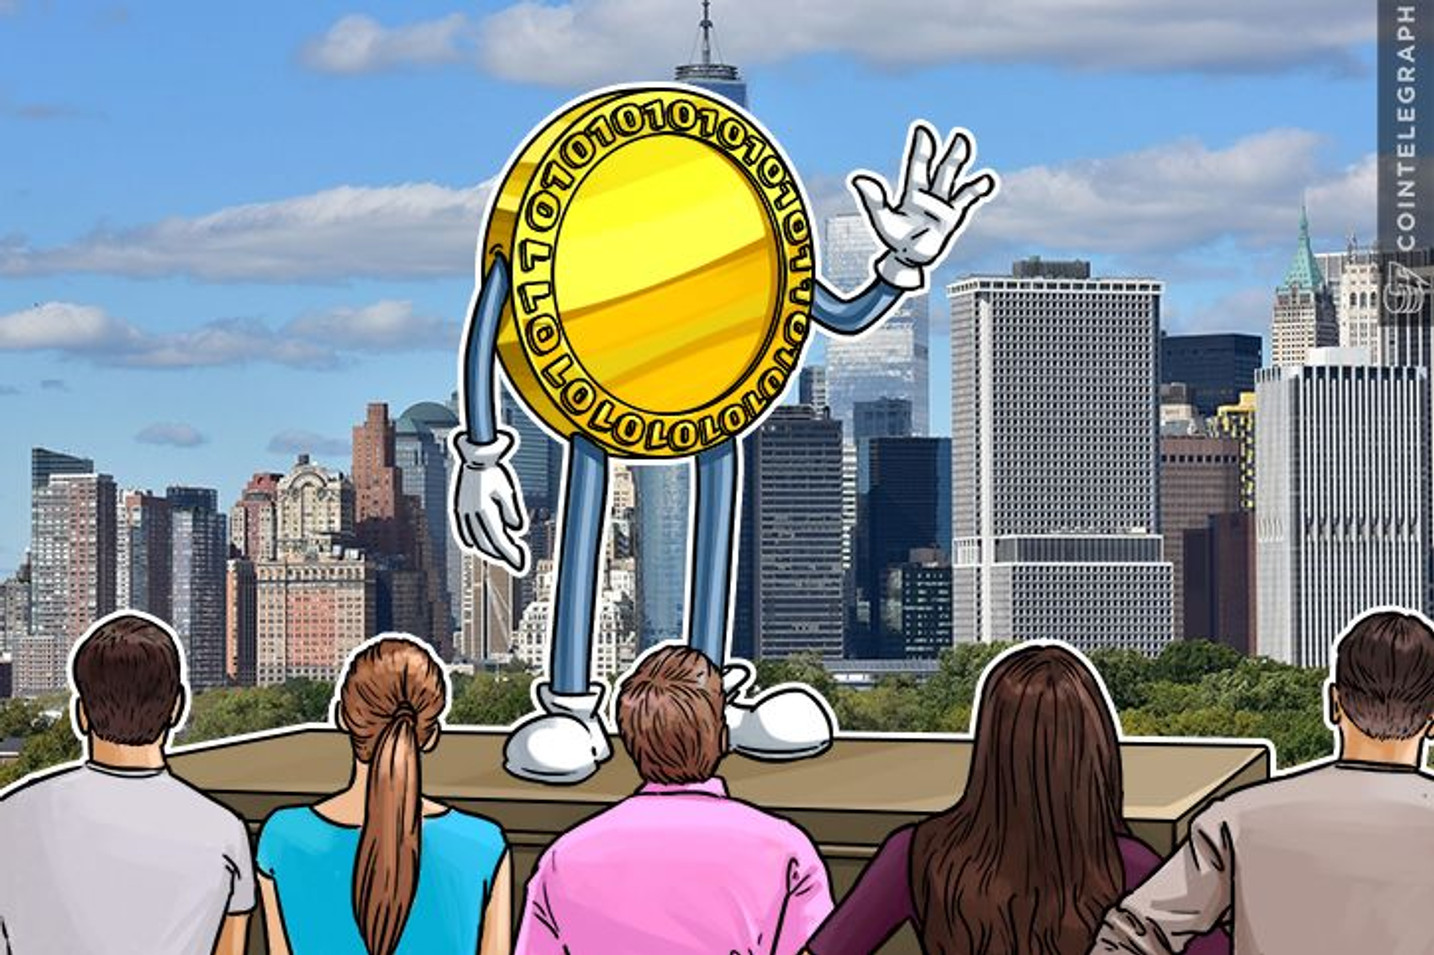 Nueva moneda alternativa de Jeff Garzik 'saltará' Blockchains para evitar secuelas de conflictos internos